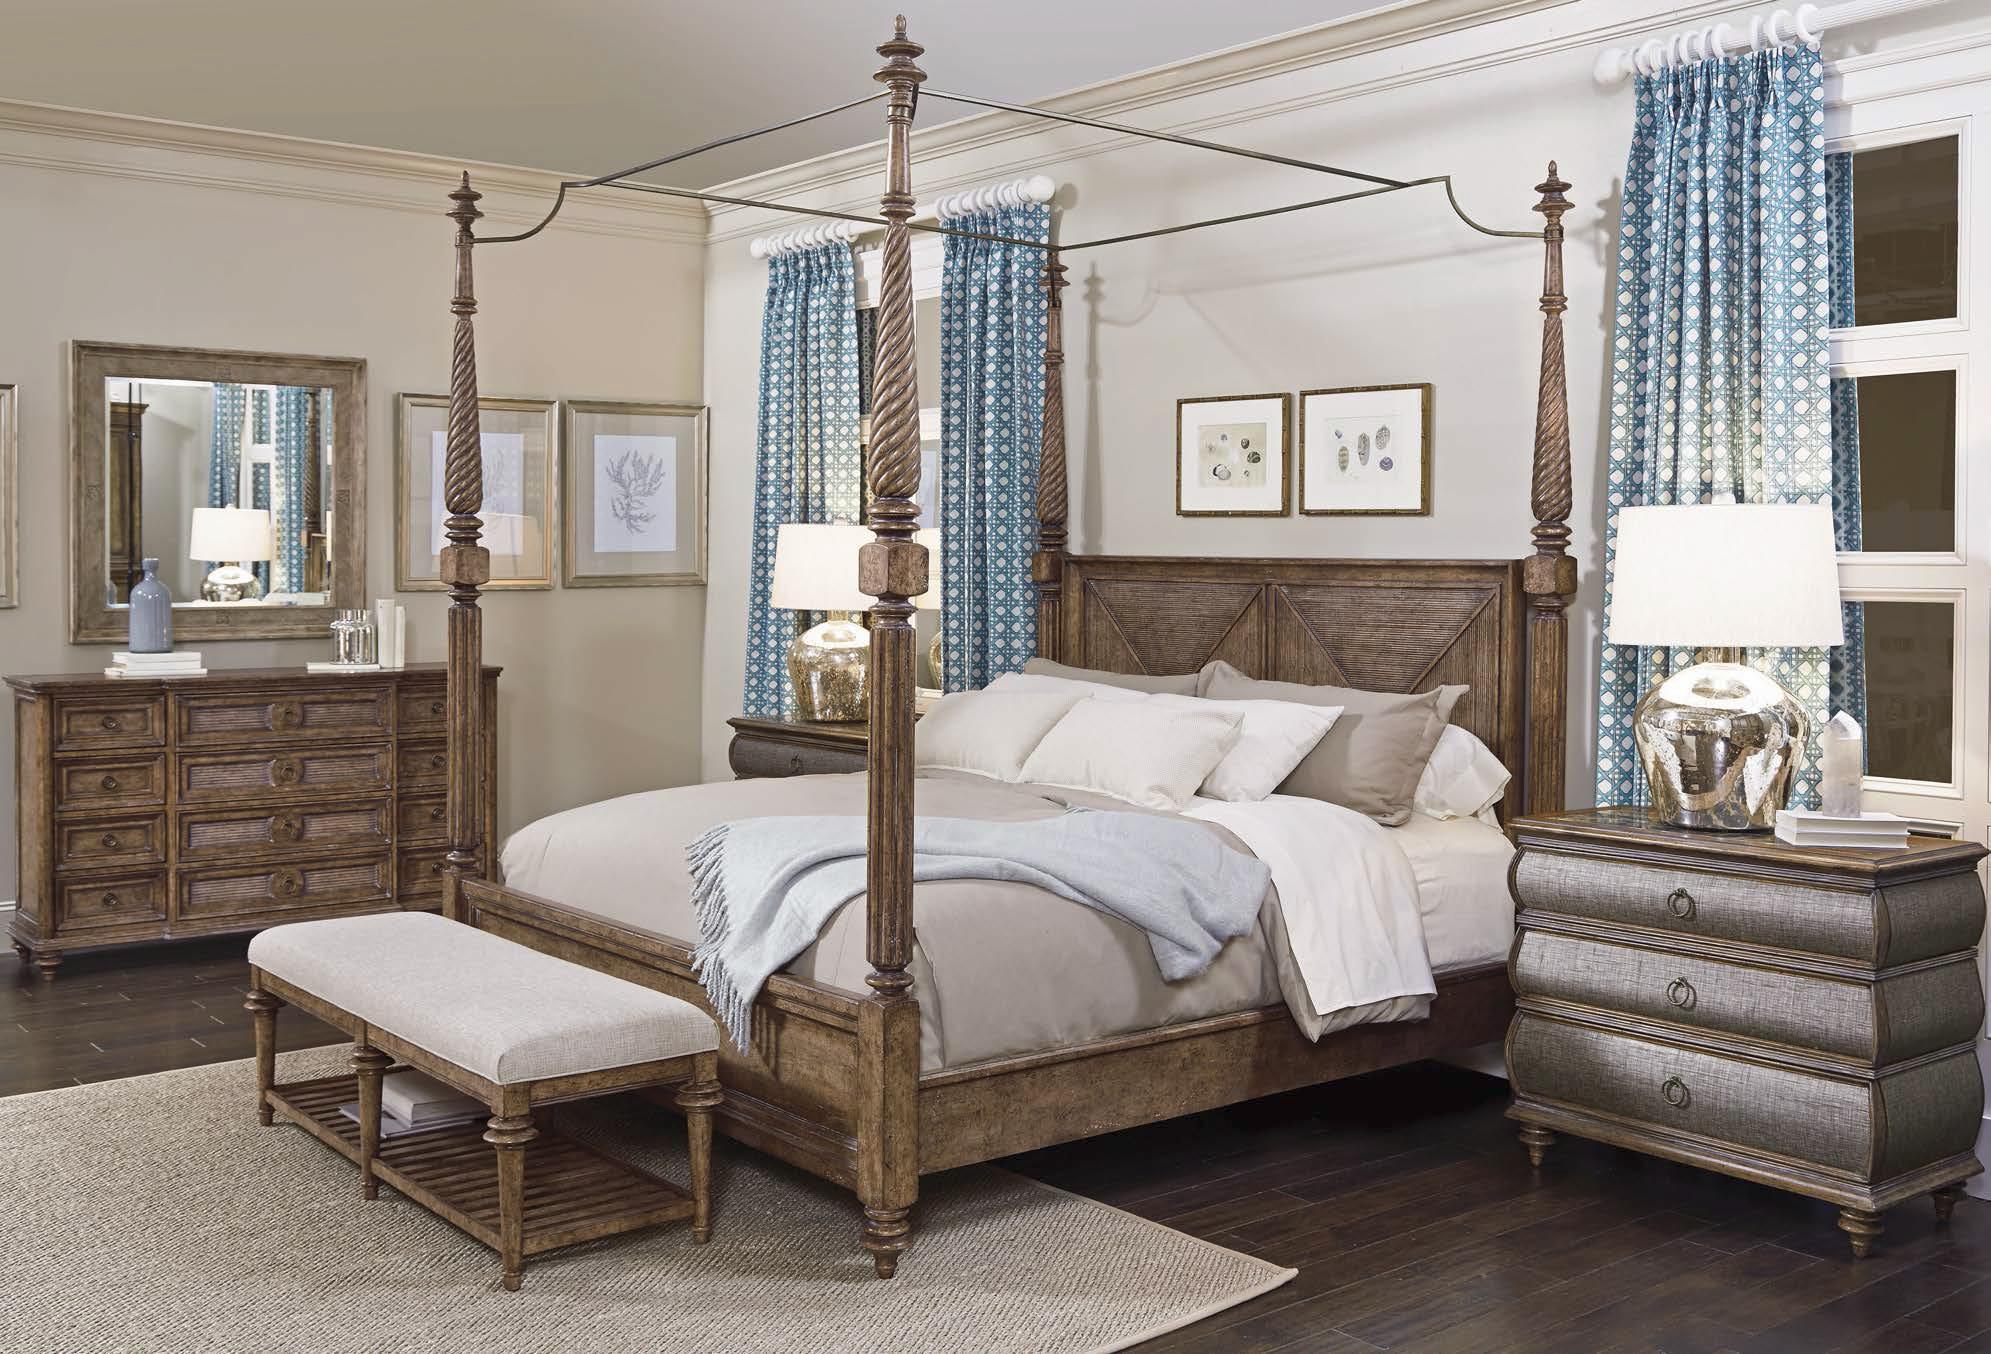 A.R.T. Furniture Inc Pavilion King Bedroom Group - Item Number: 229000-2608 K Bedroom Group 8